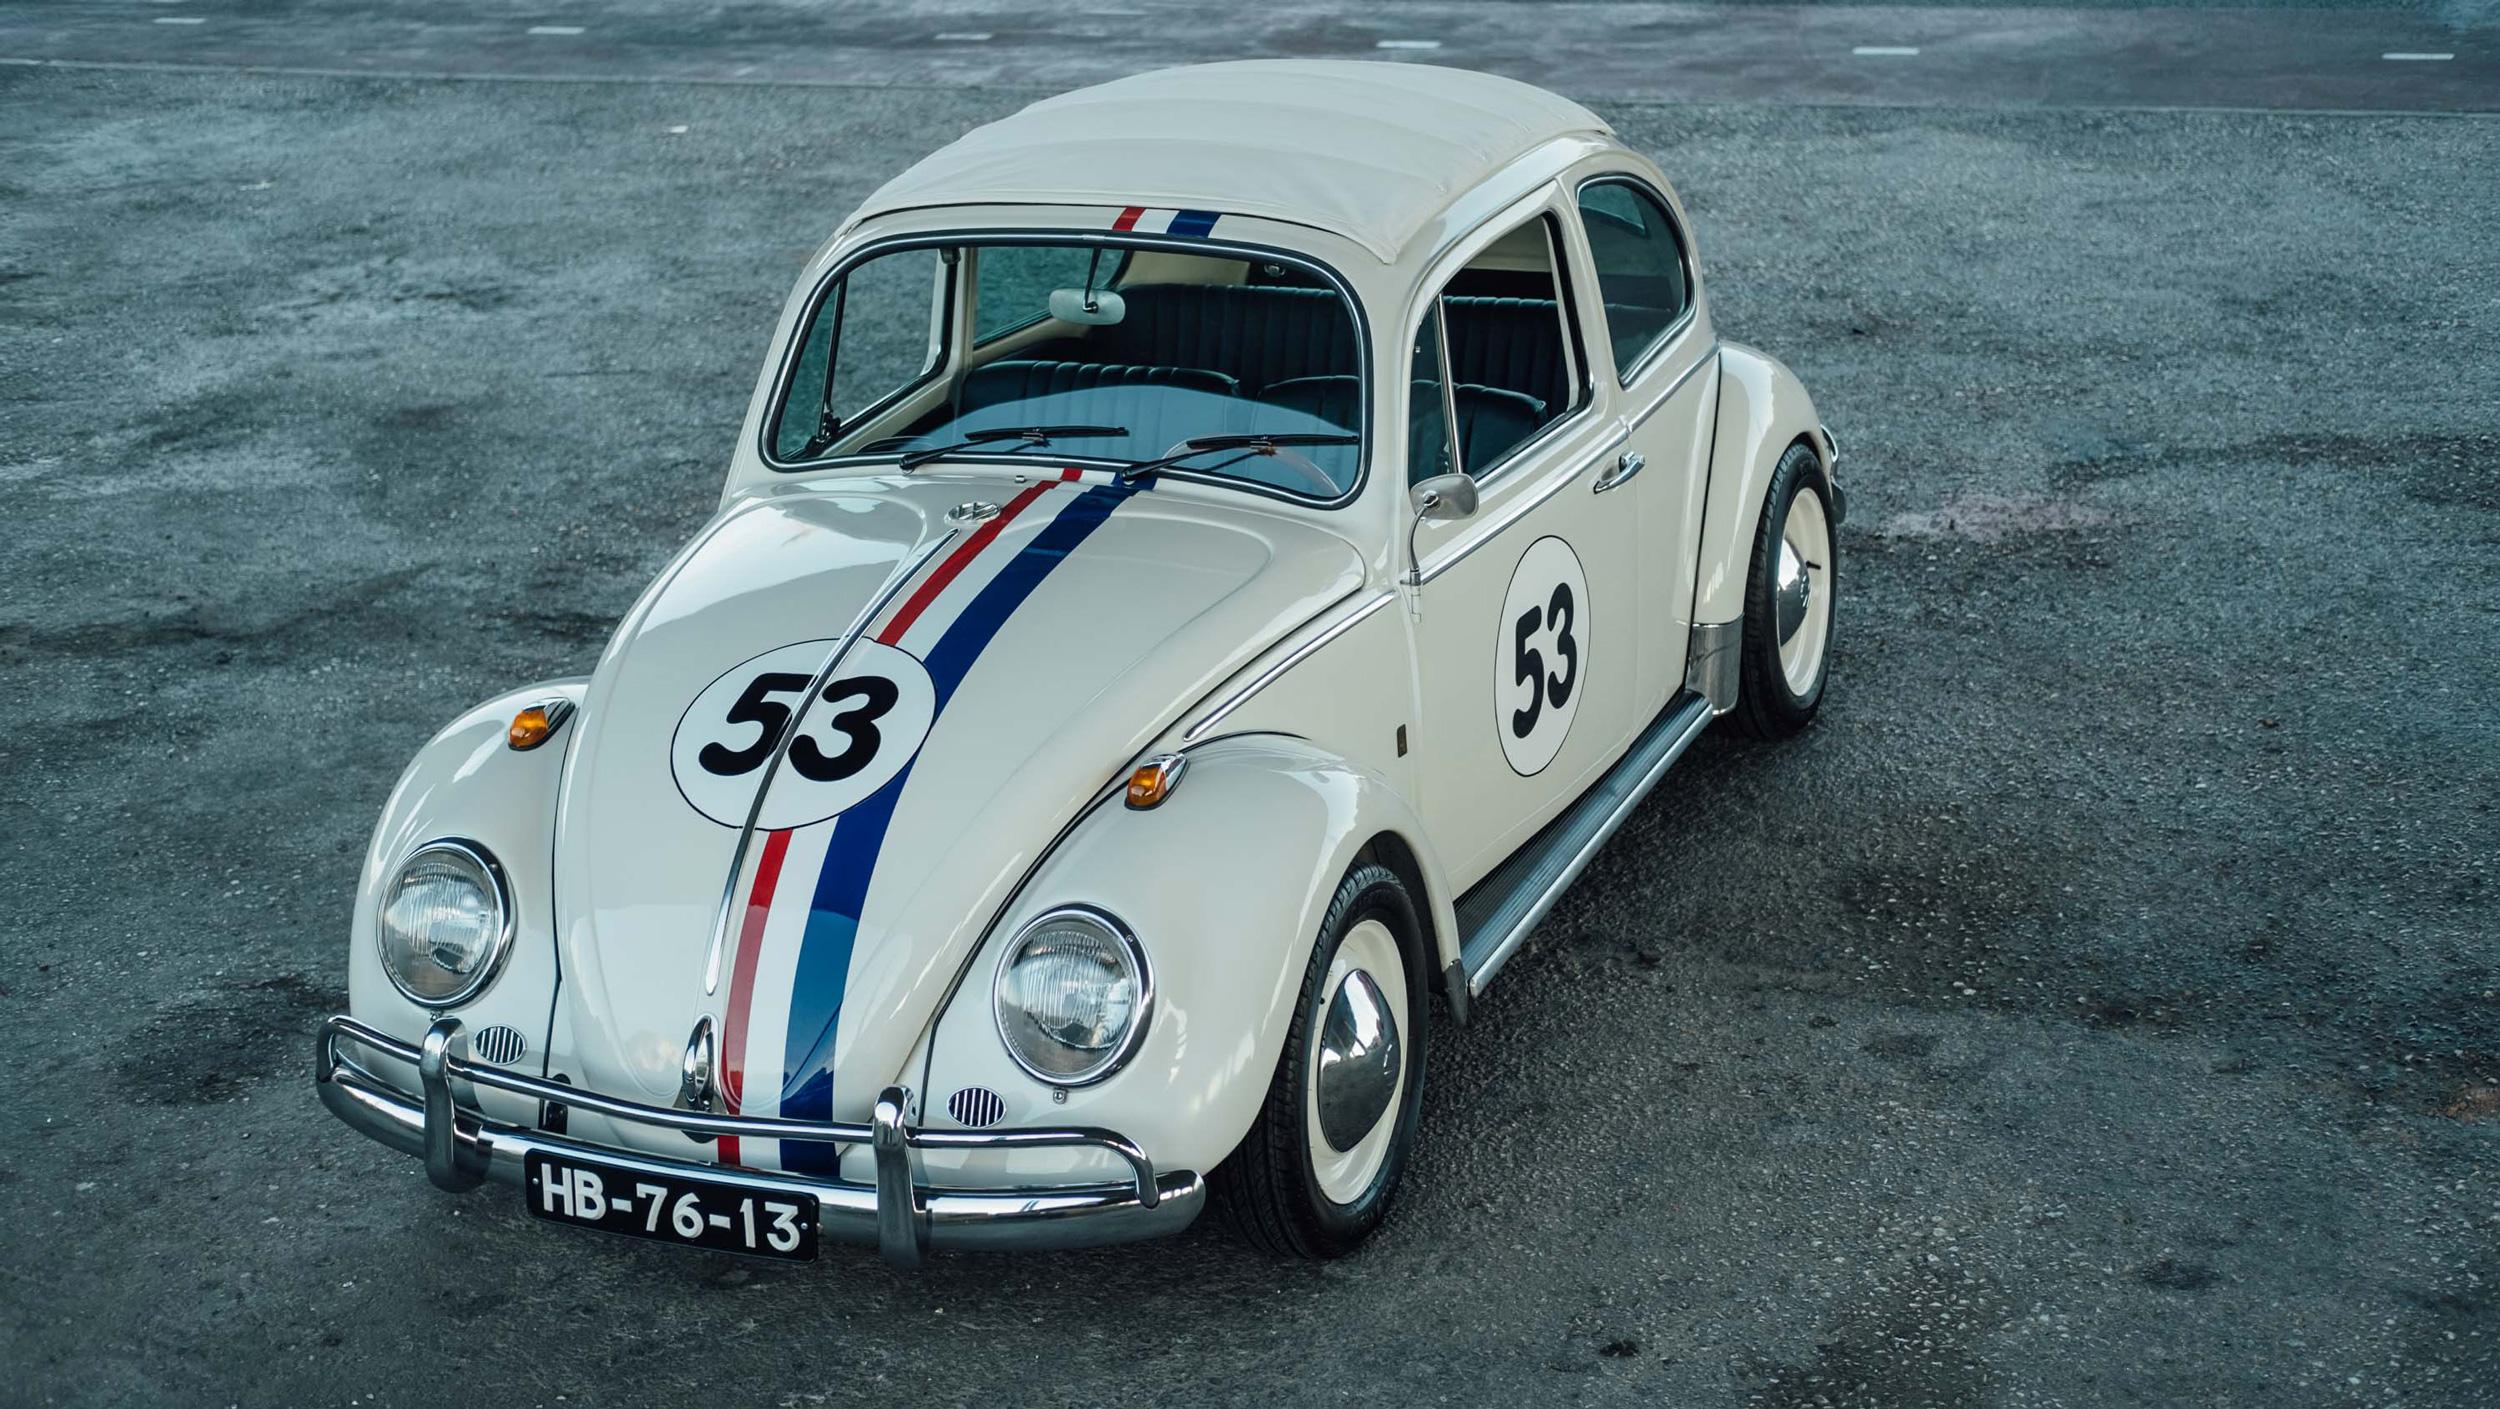 coolnvintage-vw-beetle-herbie-68-of-96